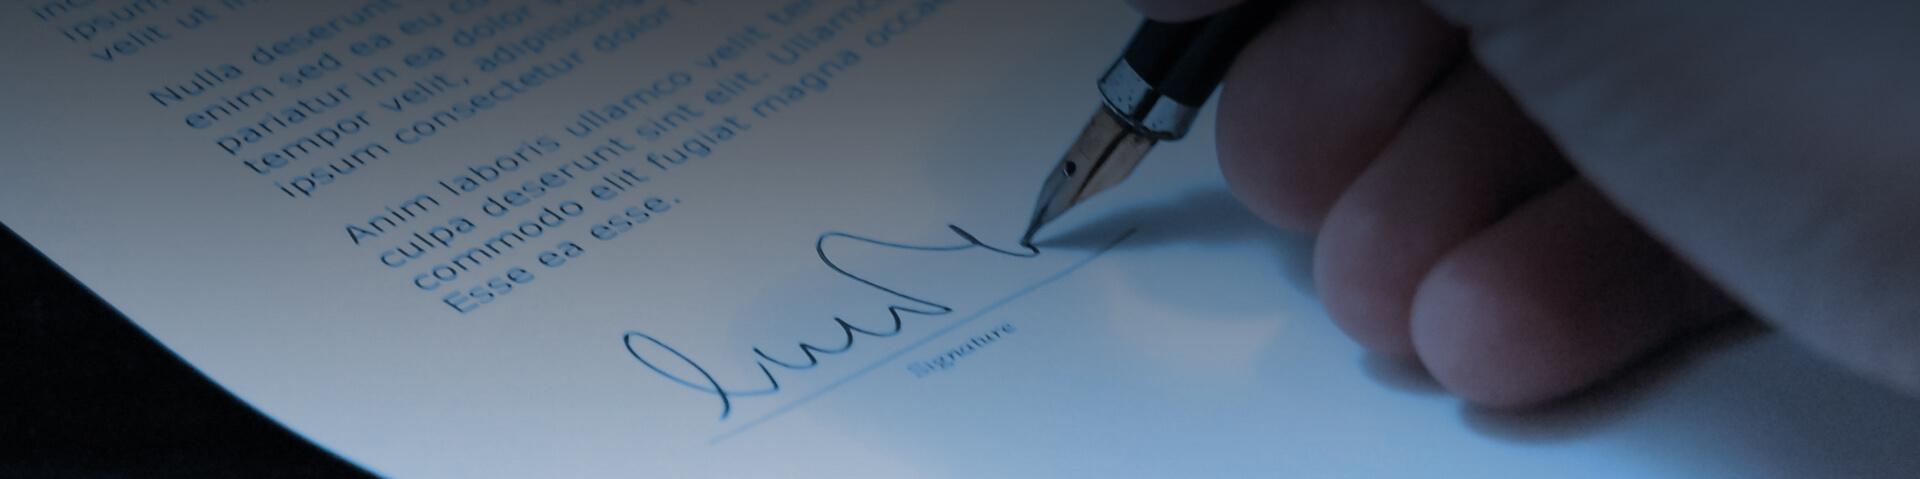 Σχέδιο Συγχώνευσης με VERSAL Ε.Π.Ε.Υ.